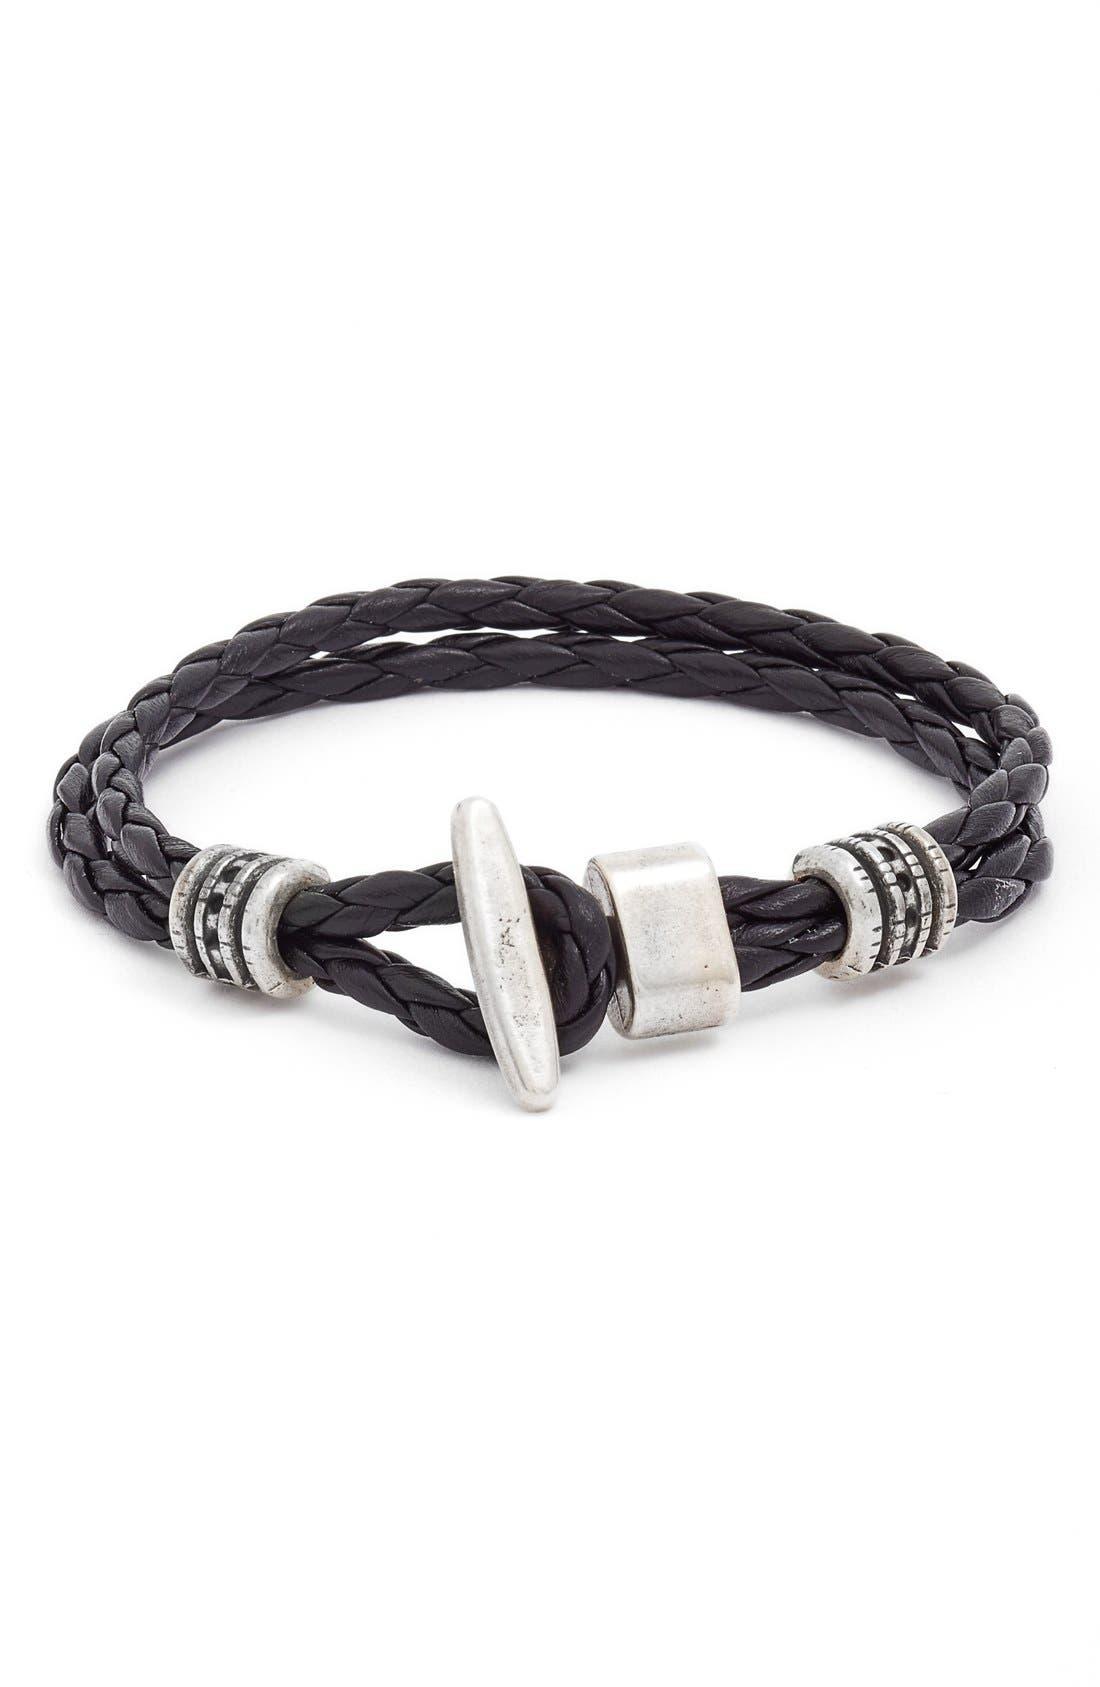 Main Image - Torino Belts Braided Leather Bracelet